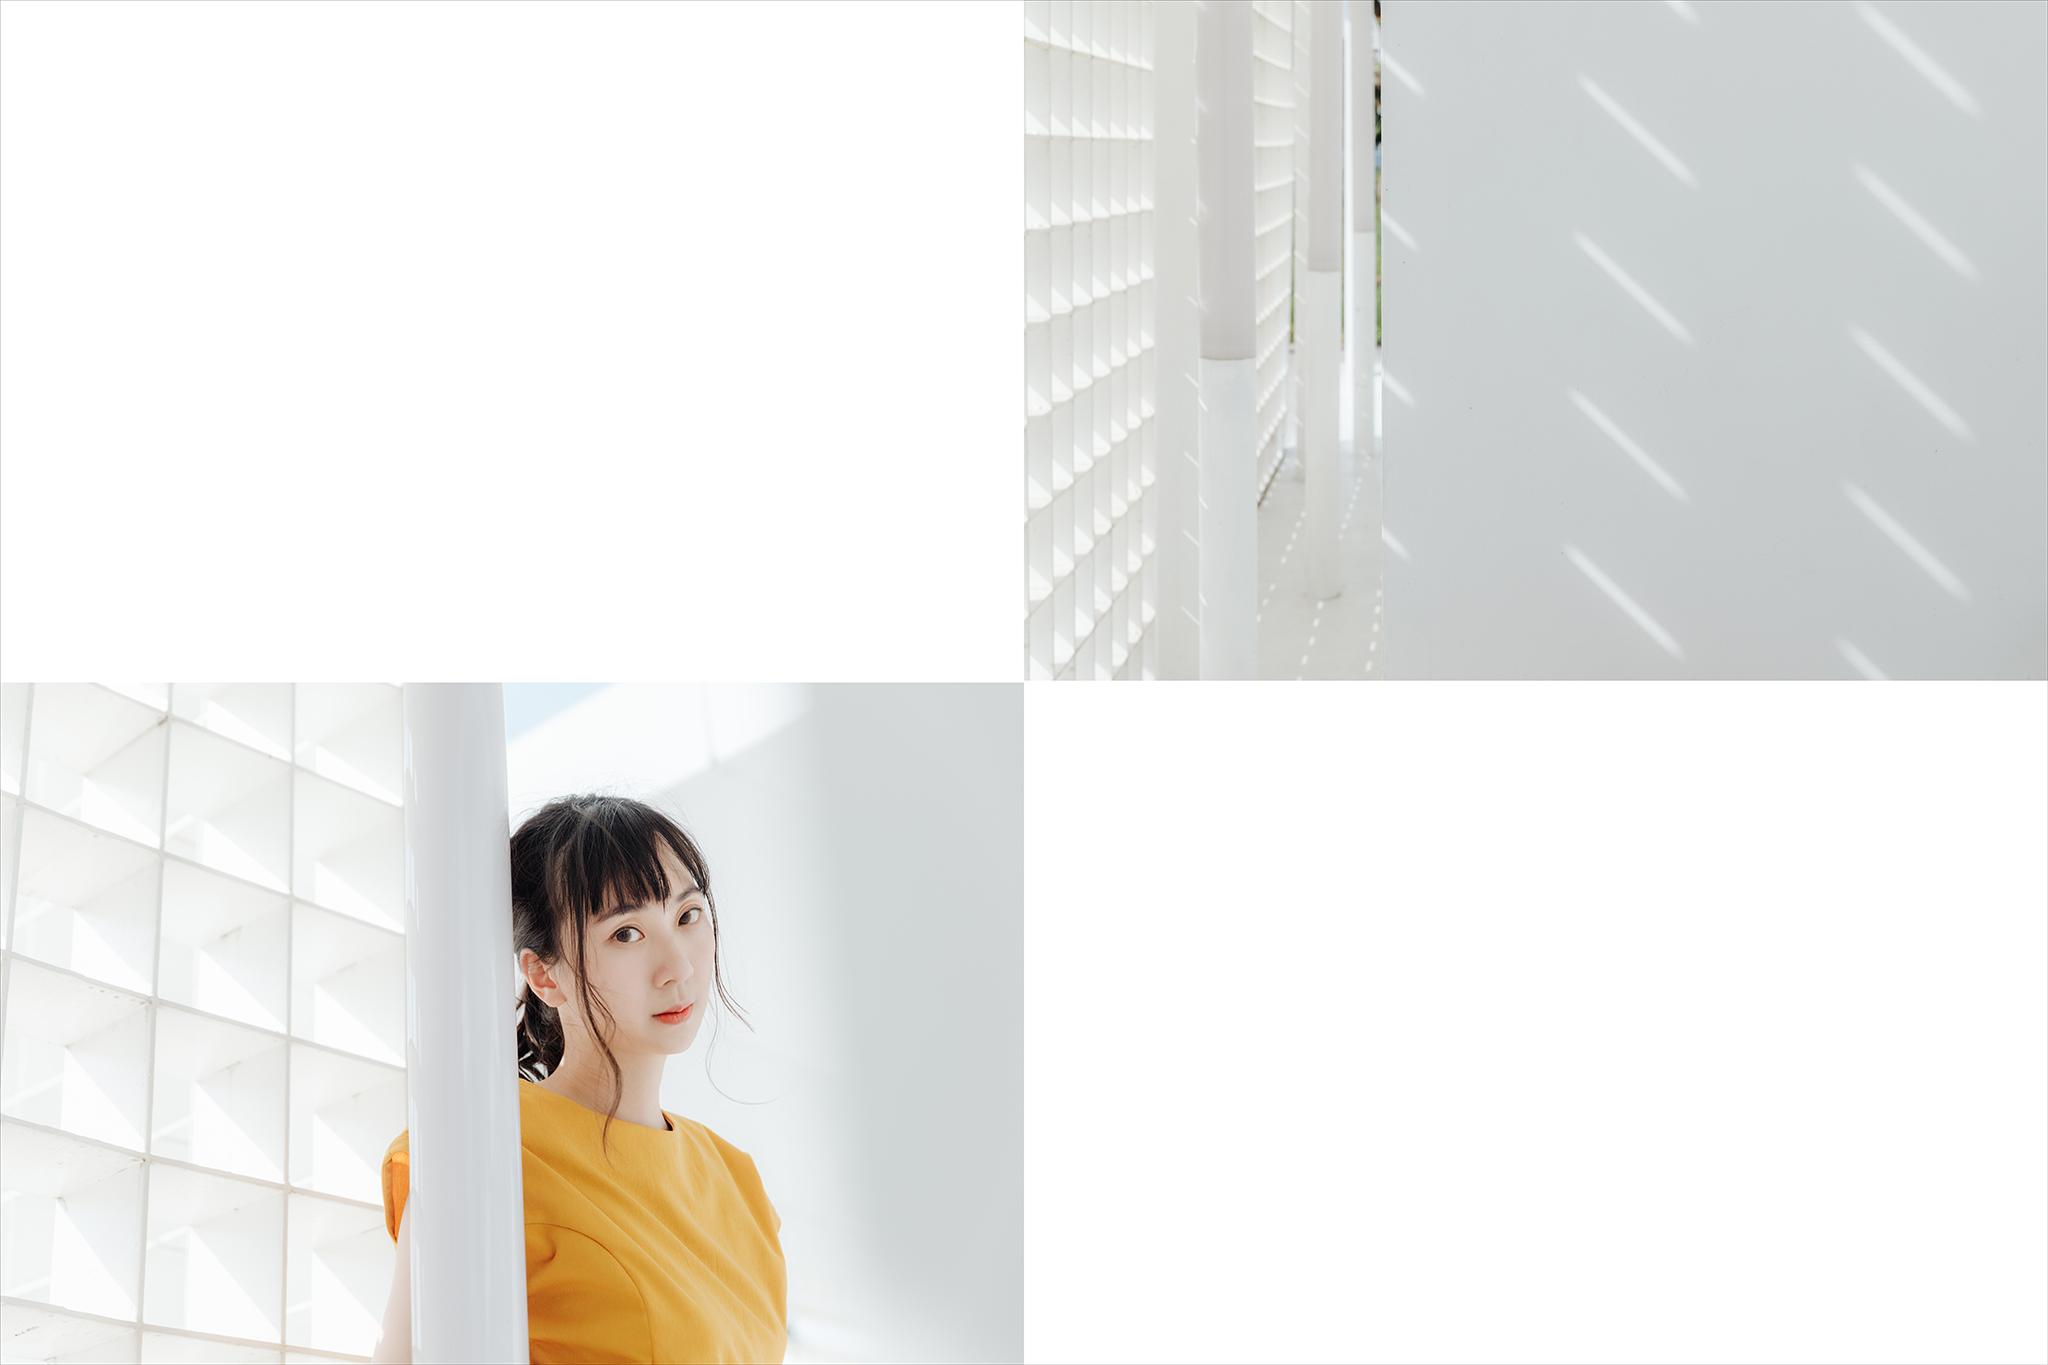 50066379703 8eb5e54a8e o - 【夏季寫真】+Melody+